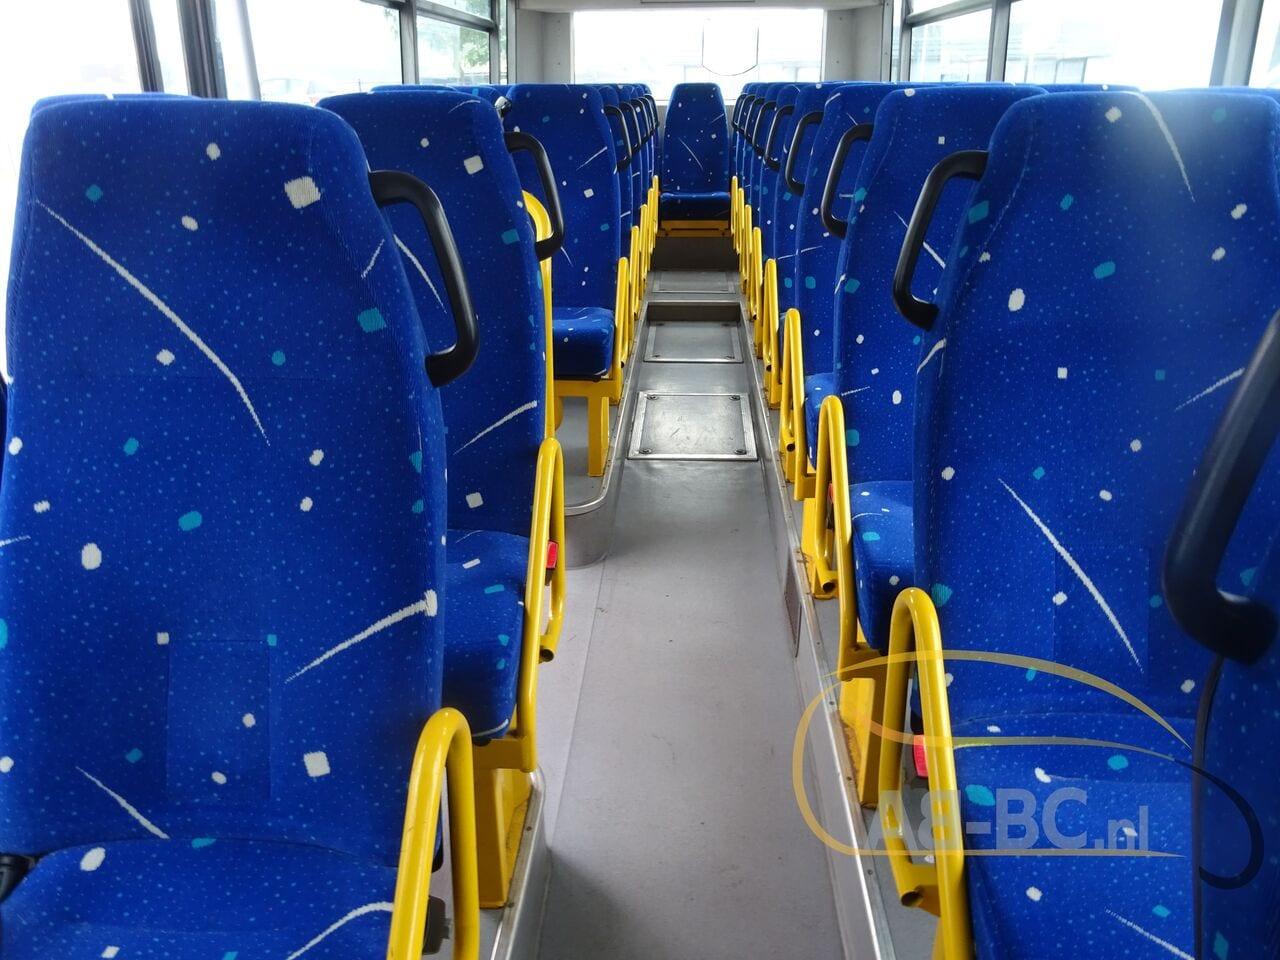 interurban-busIVECO-Irisbus-Recreo-64-Seats---1626160146920988070_big_7da6da401c6fad497d2b3f0f956b635c--21071309575983154500